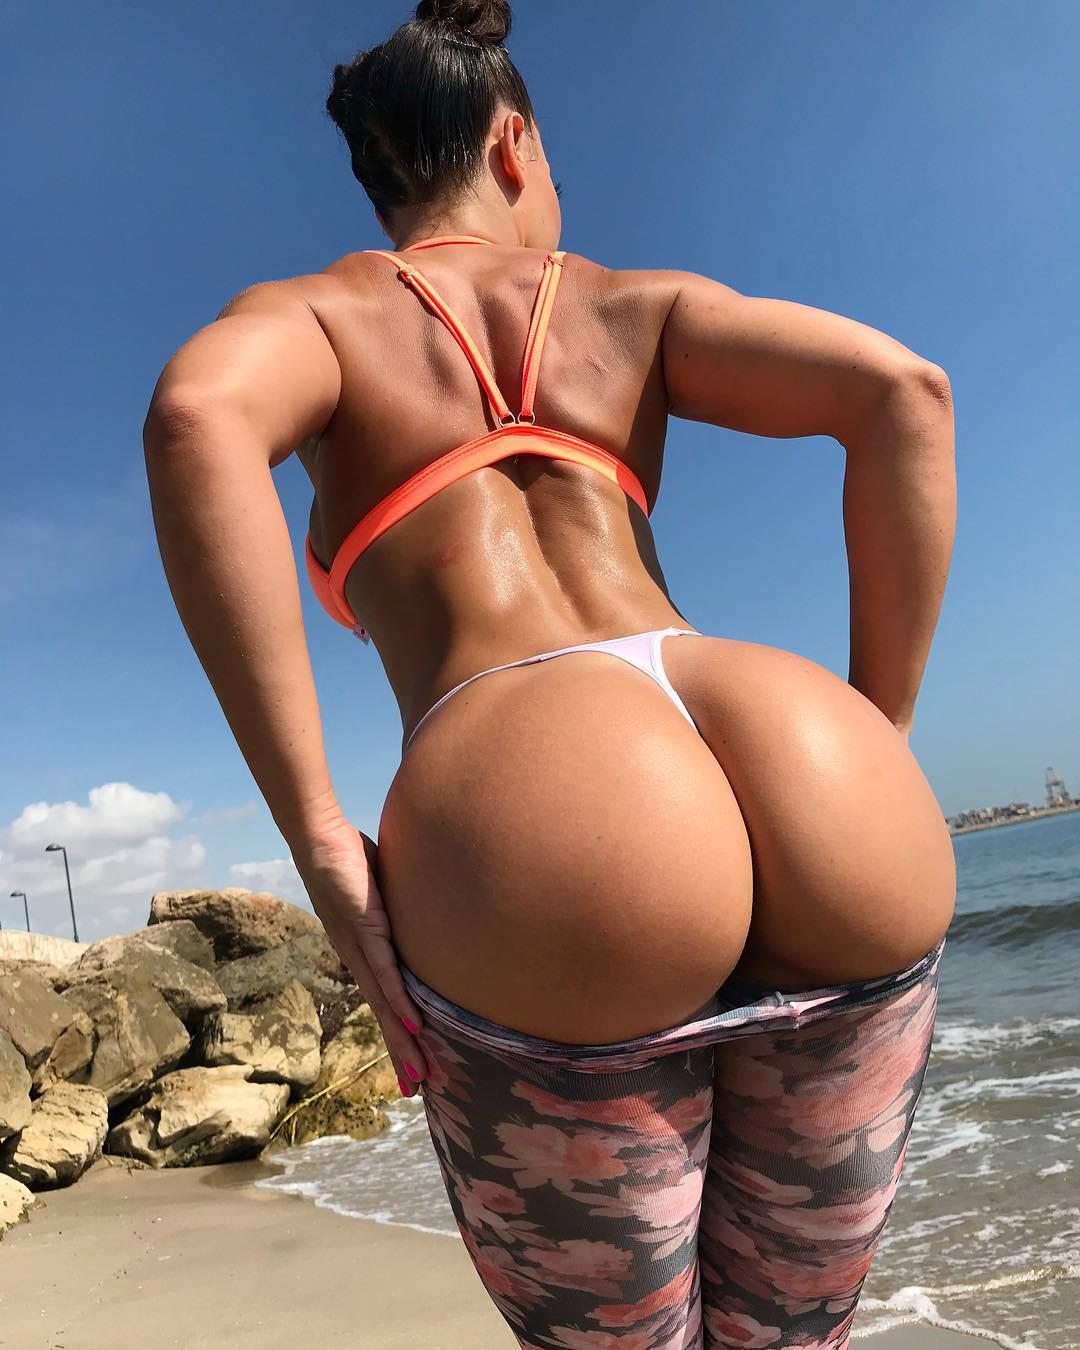 Big round bubble butt squat challenge workout